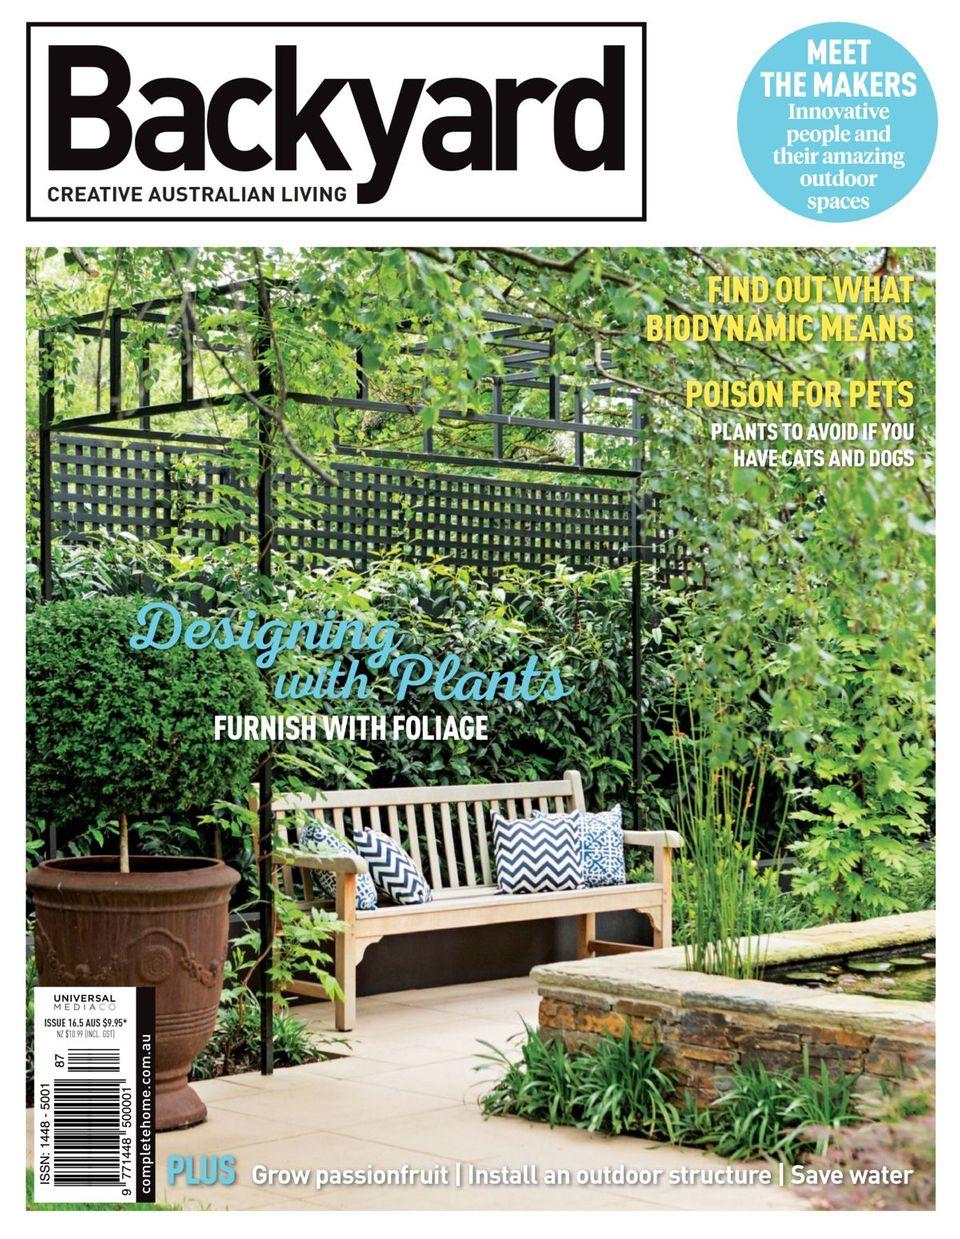 Backyard & Garden Design Ideas-Issue #16.5 Magazine